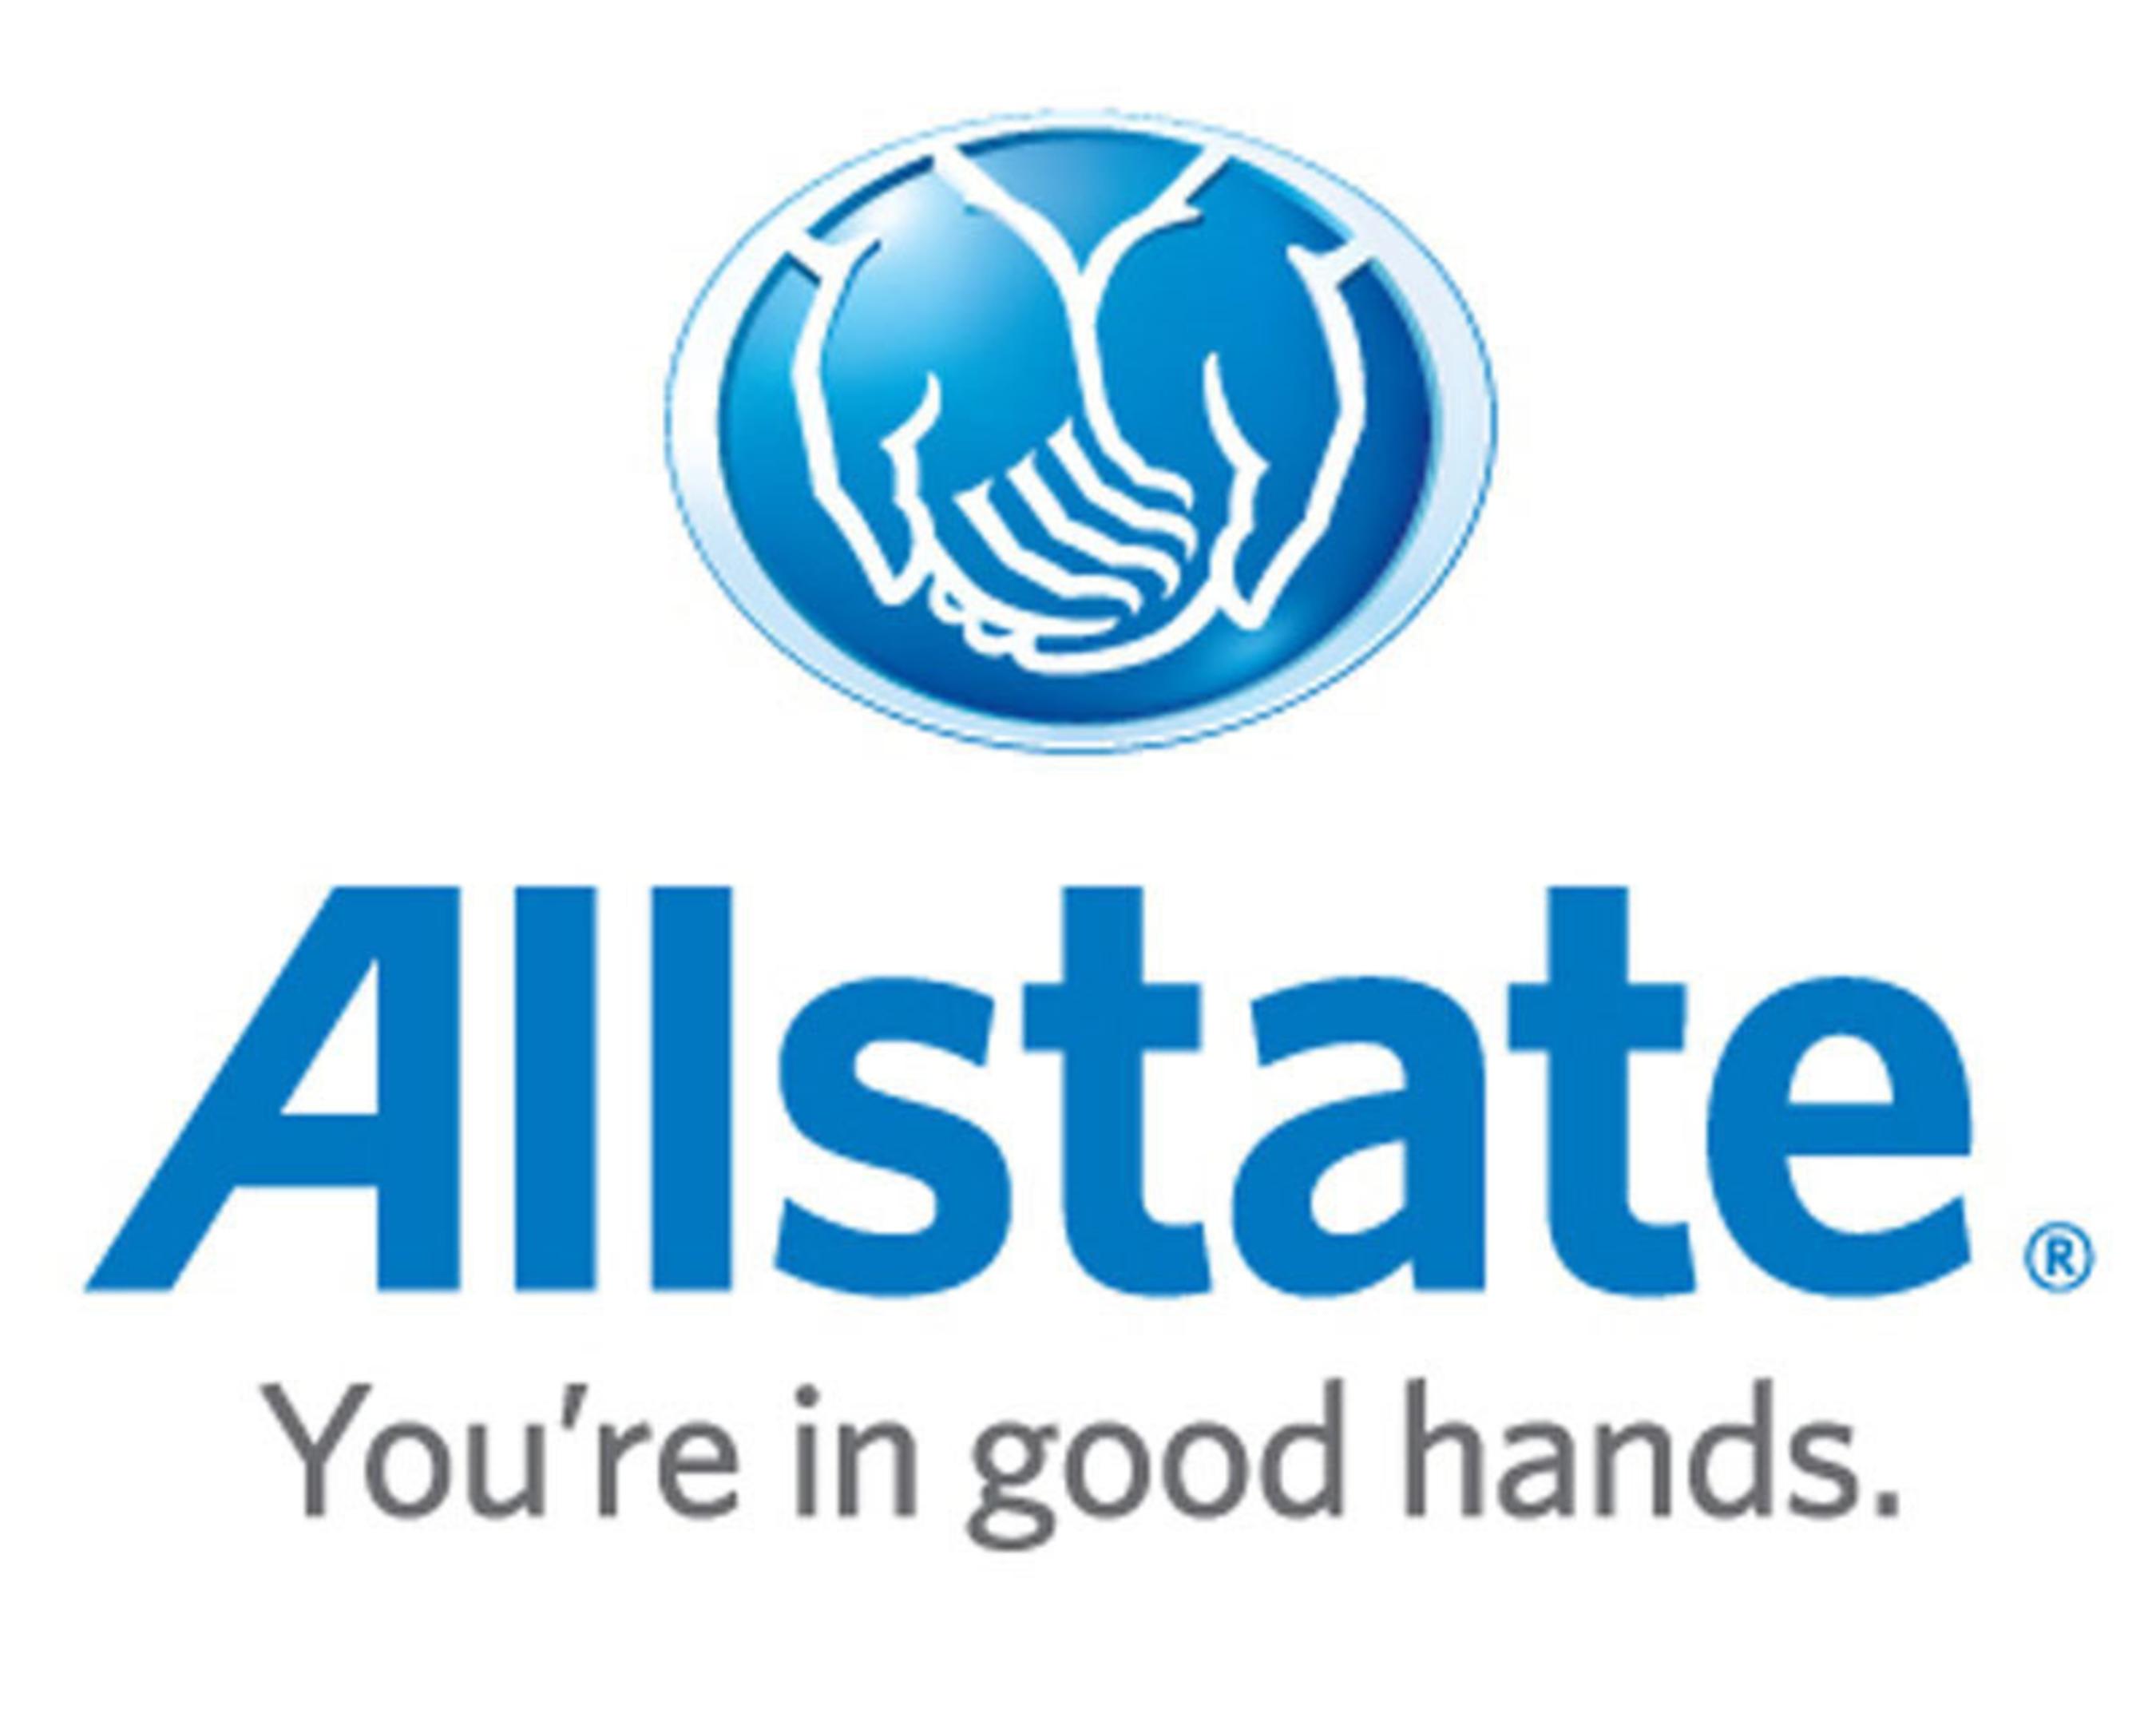 Allstate logo.